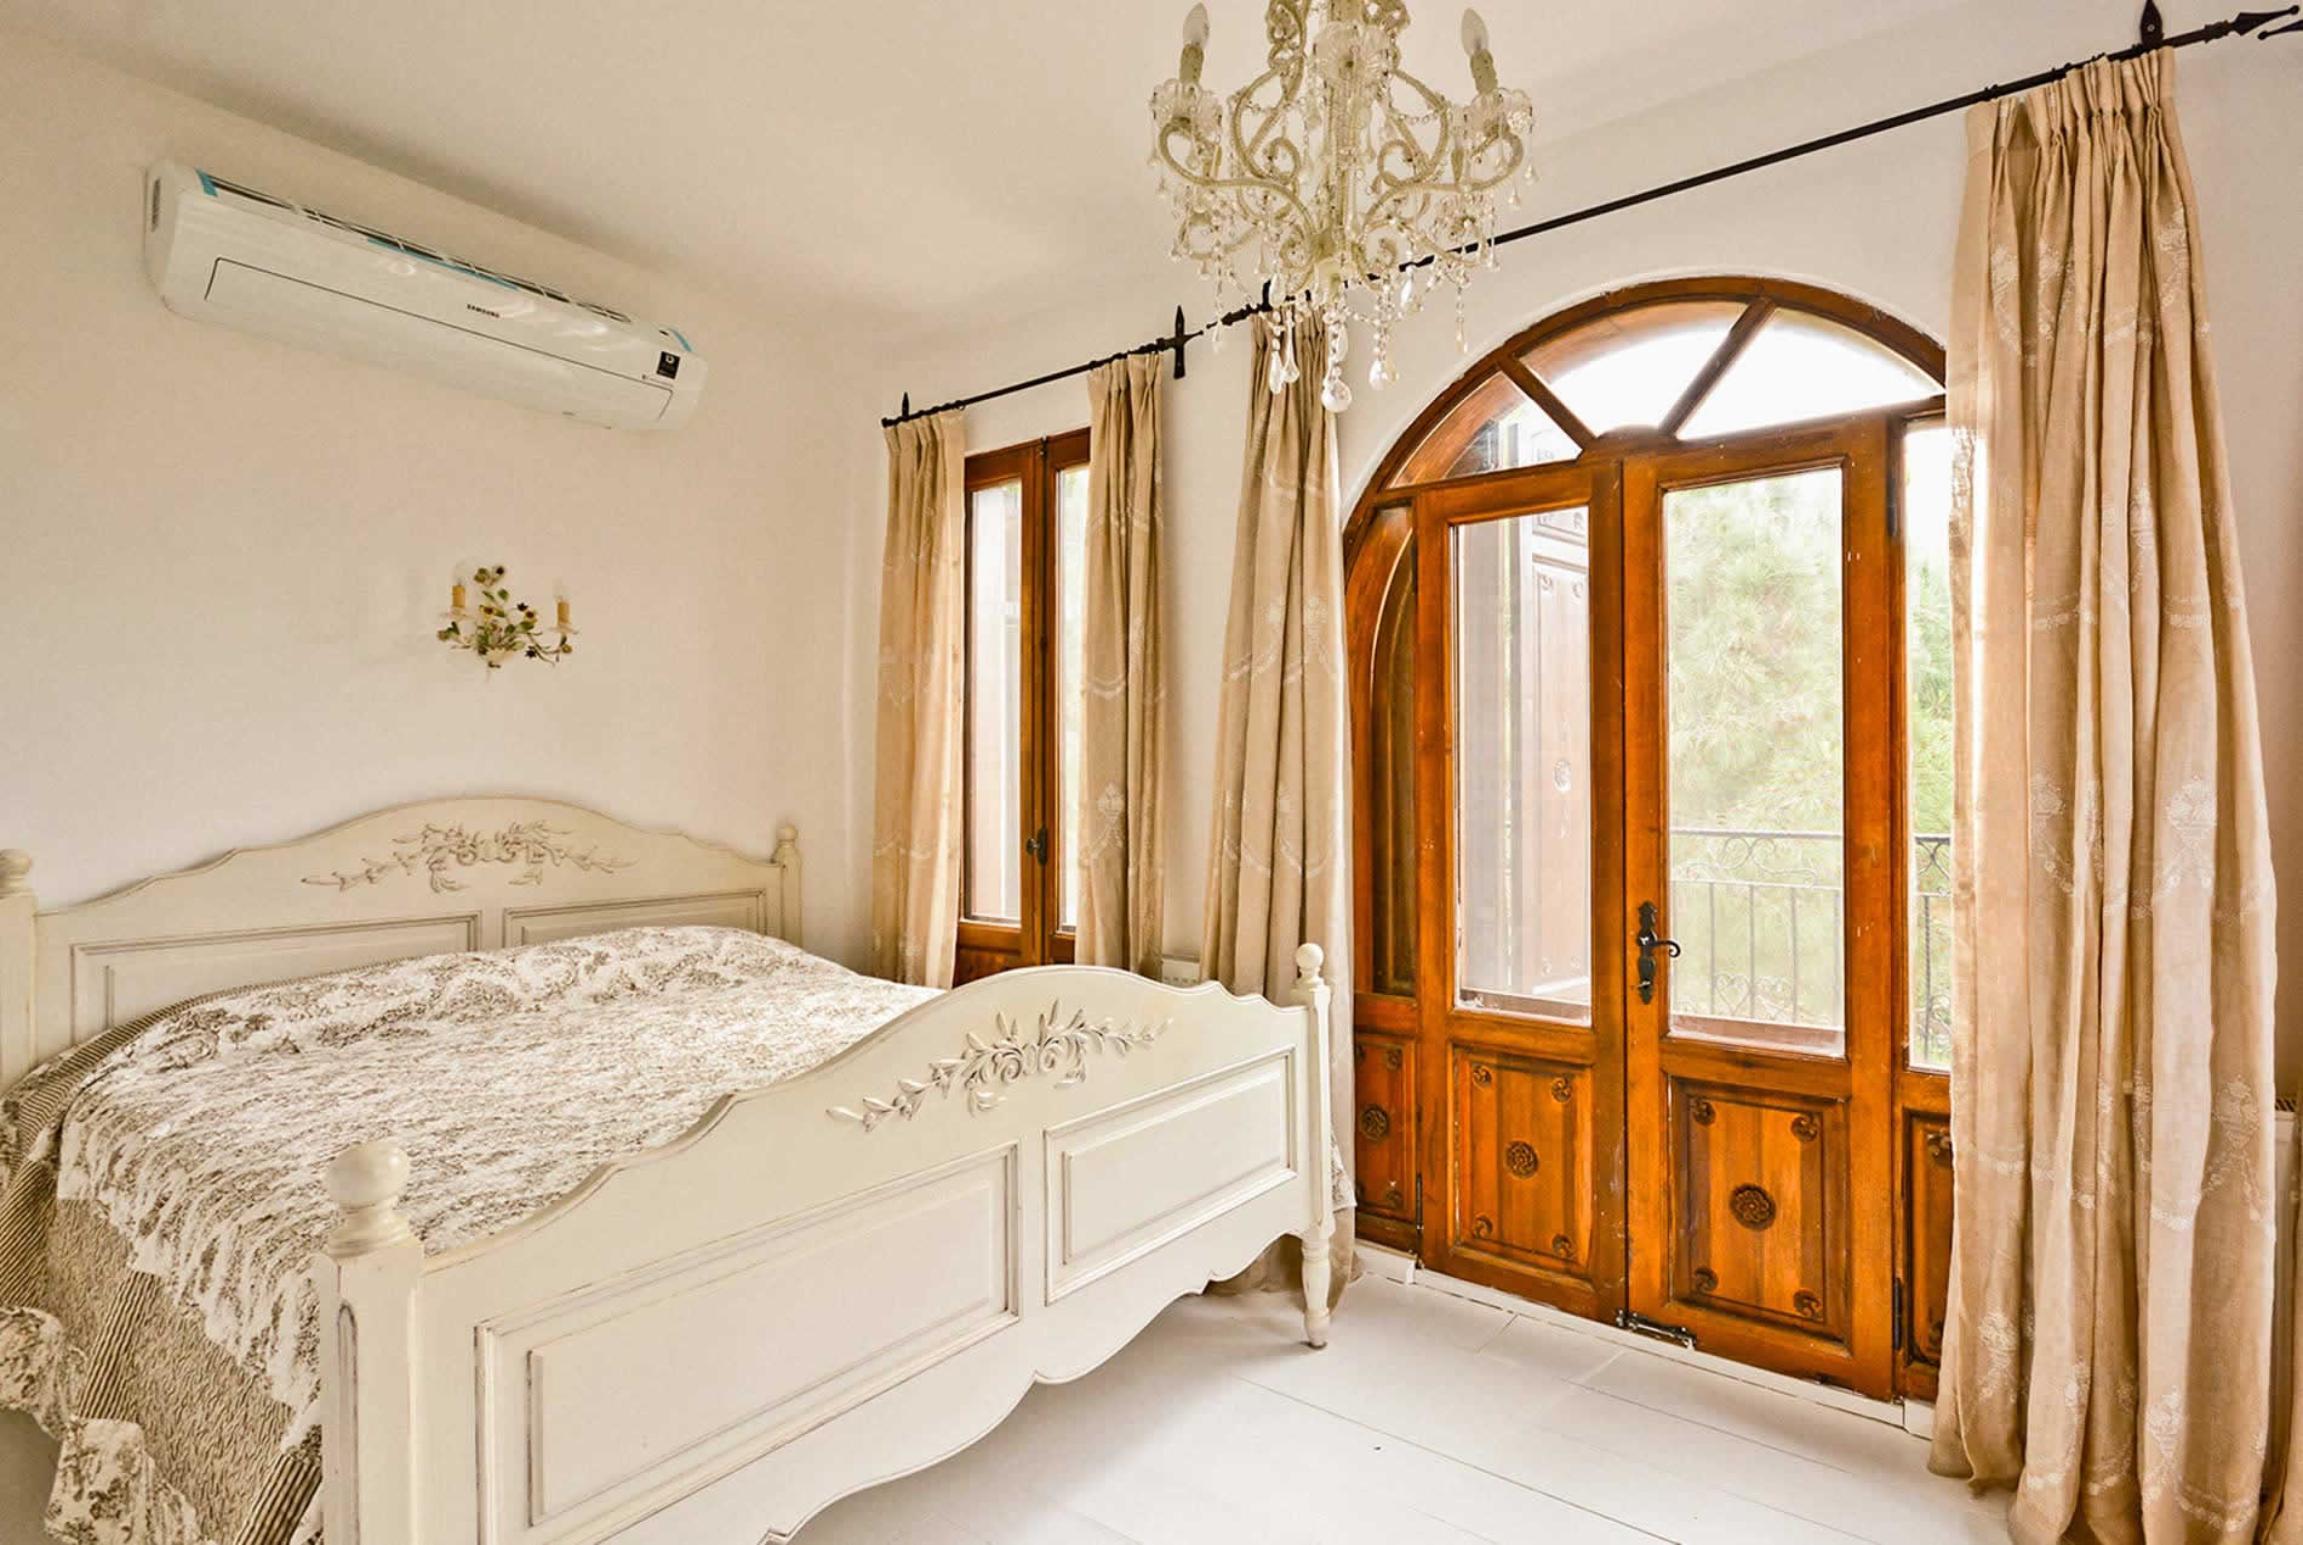 Ferienhaus Luca (2744562), Turgutreis, , Ägäisregion, Türkei, Bild 4